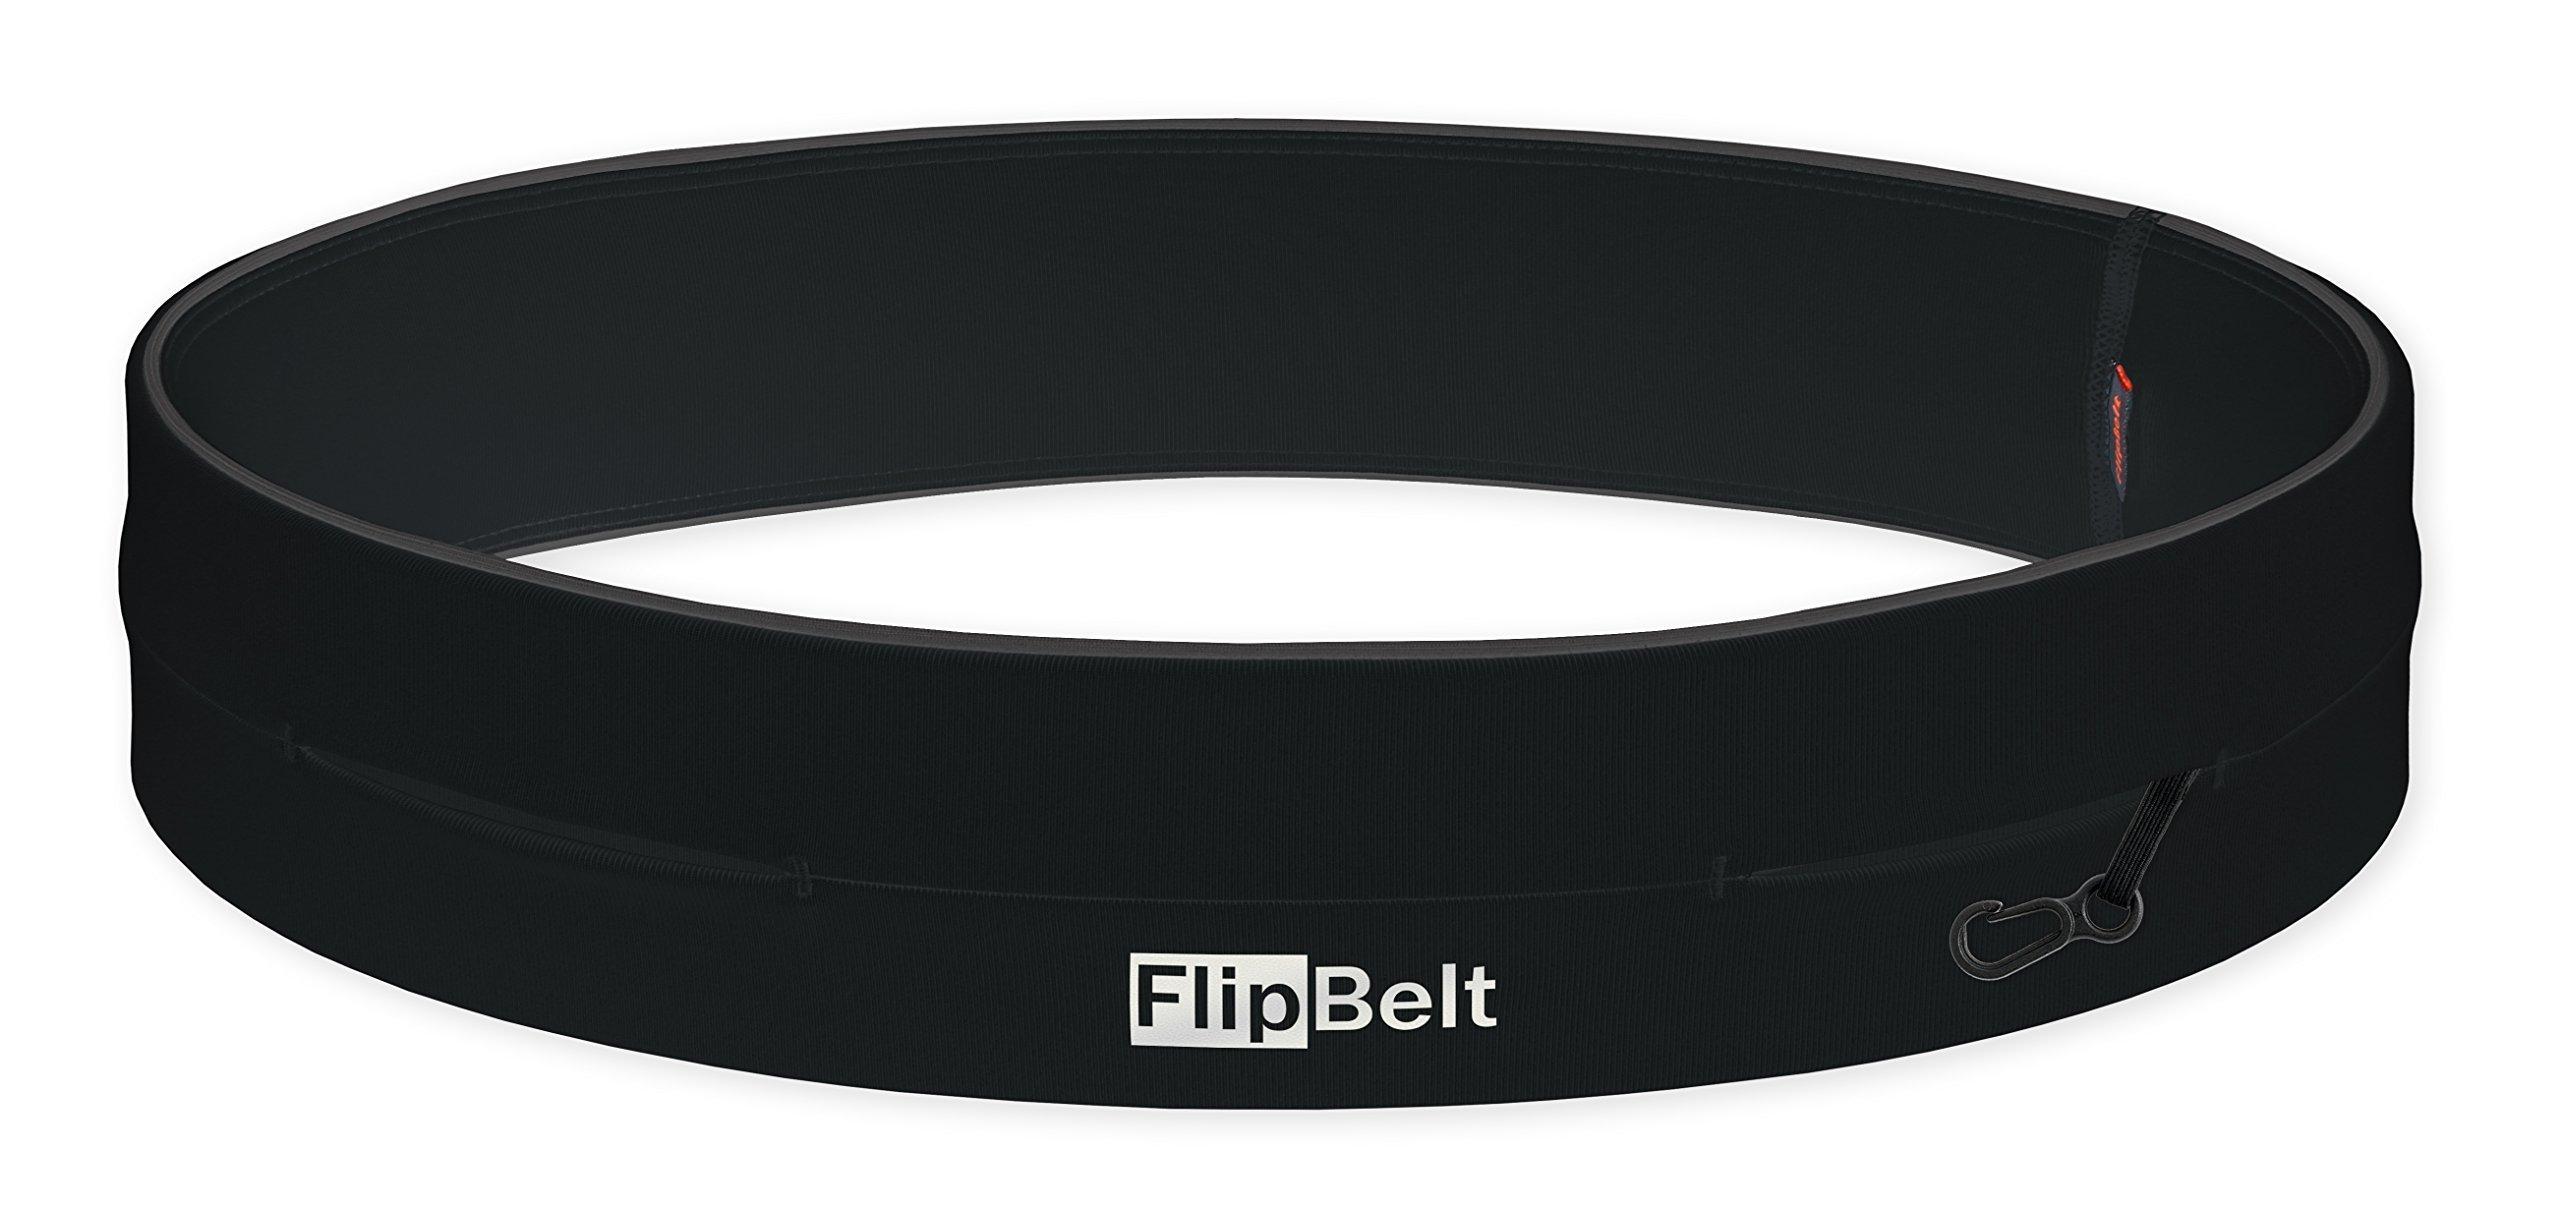 FlipBelt Level Terrain Waist Pouch, Black, X-Small/22-25 by FlipBelt (Image #1)